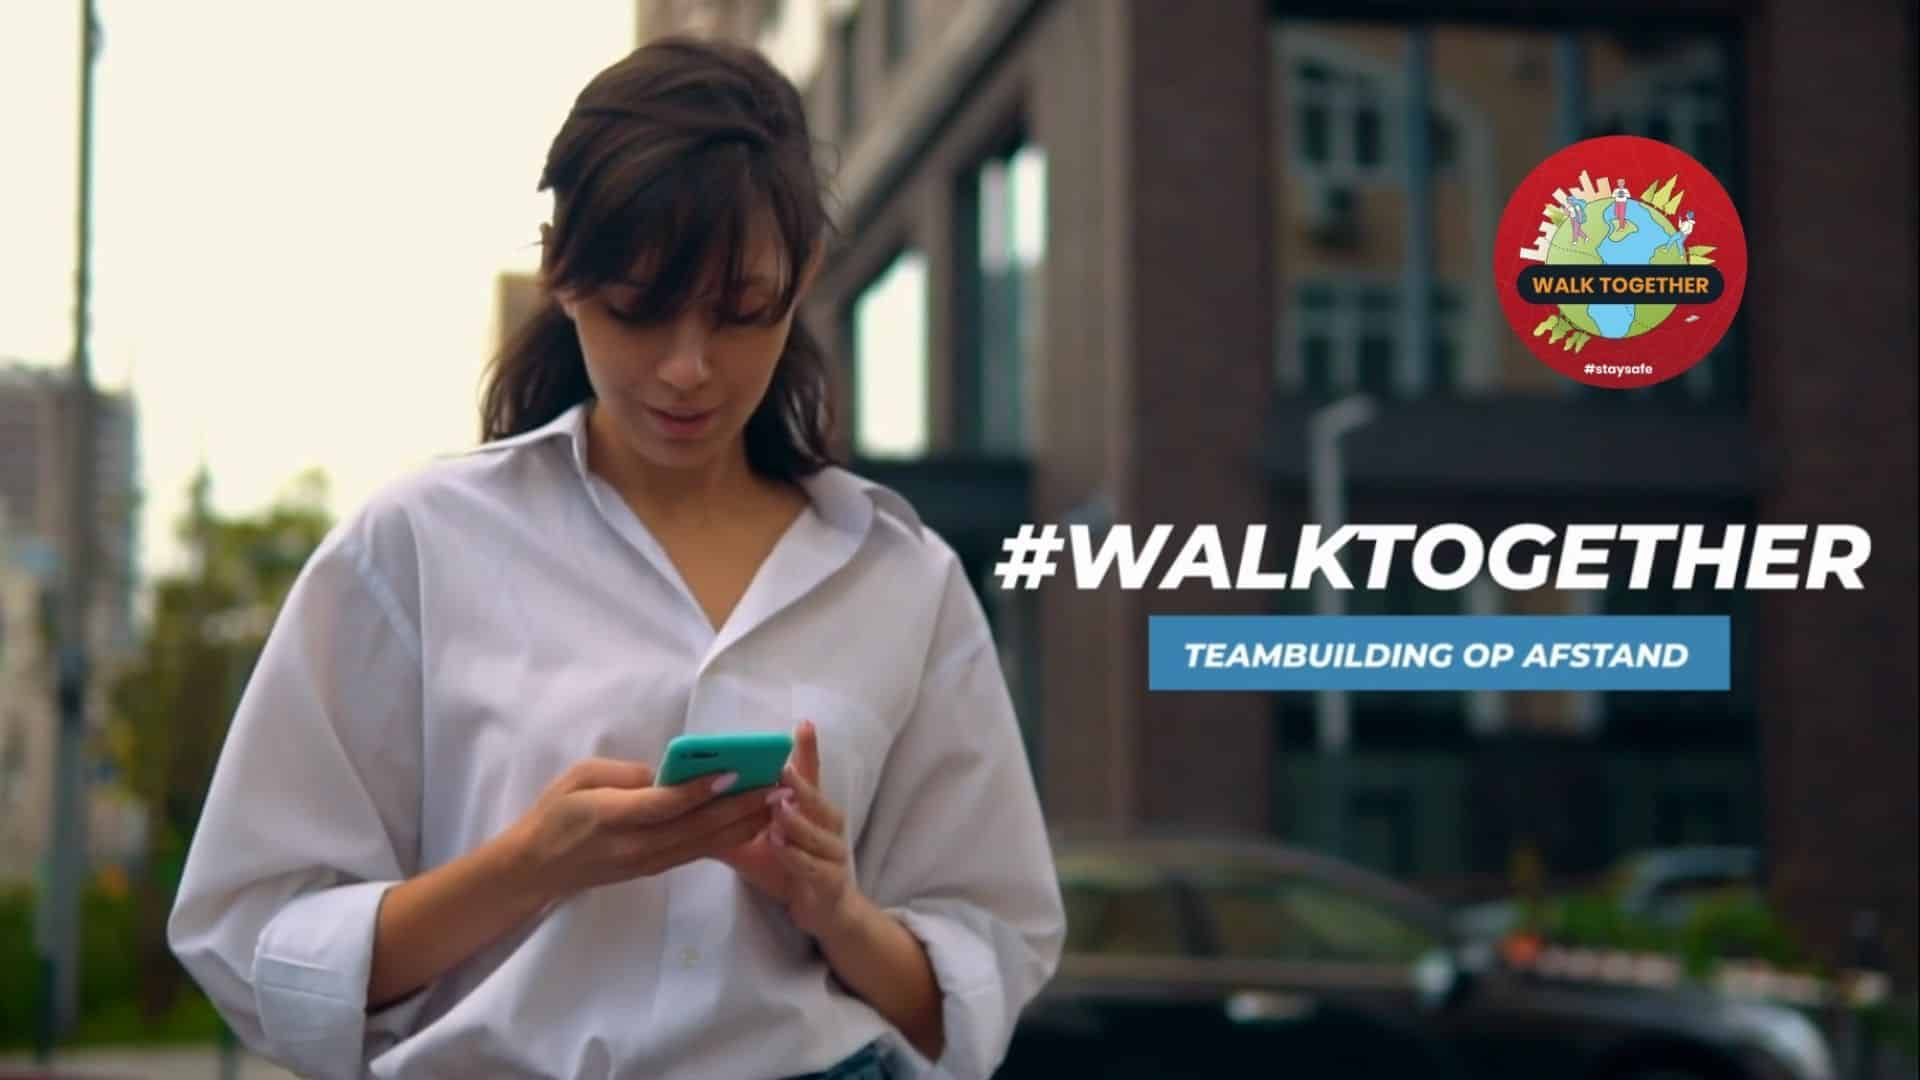 Walk Together Teambuilding op Afstand